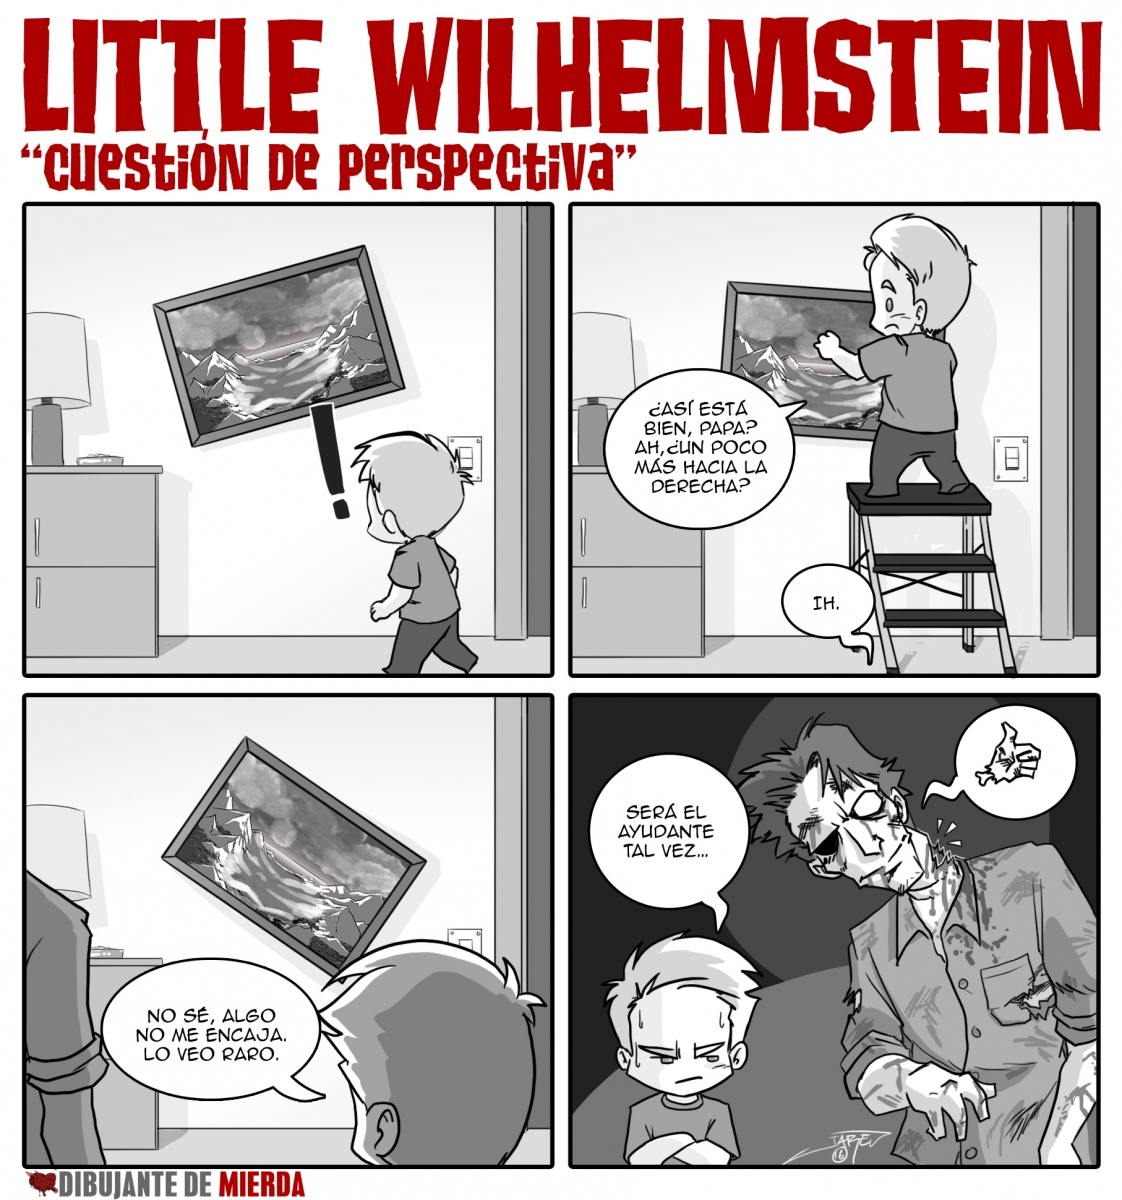 Wilhelm-Cuestión-de-perspectiva-web